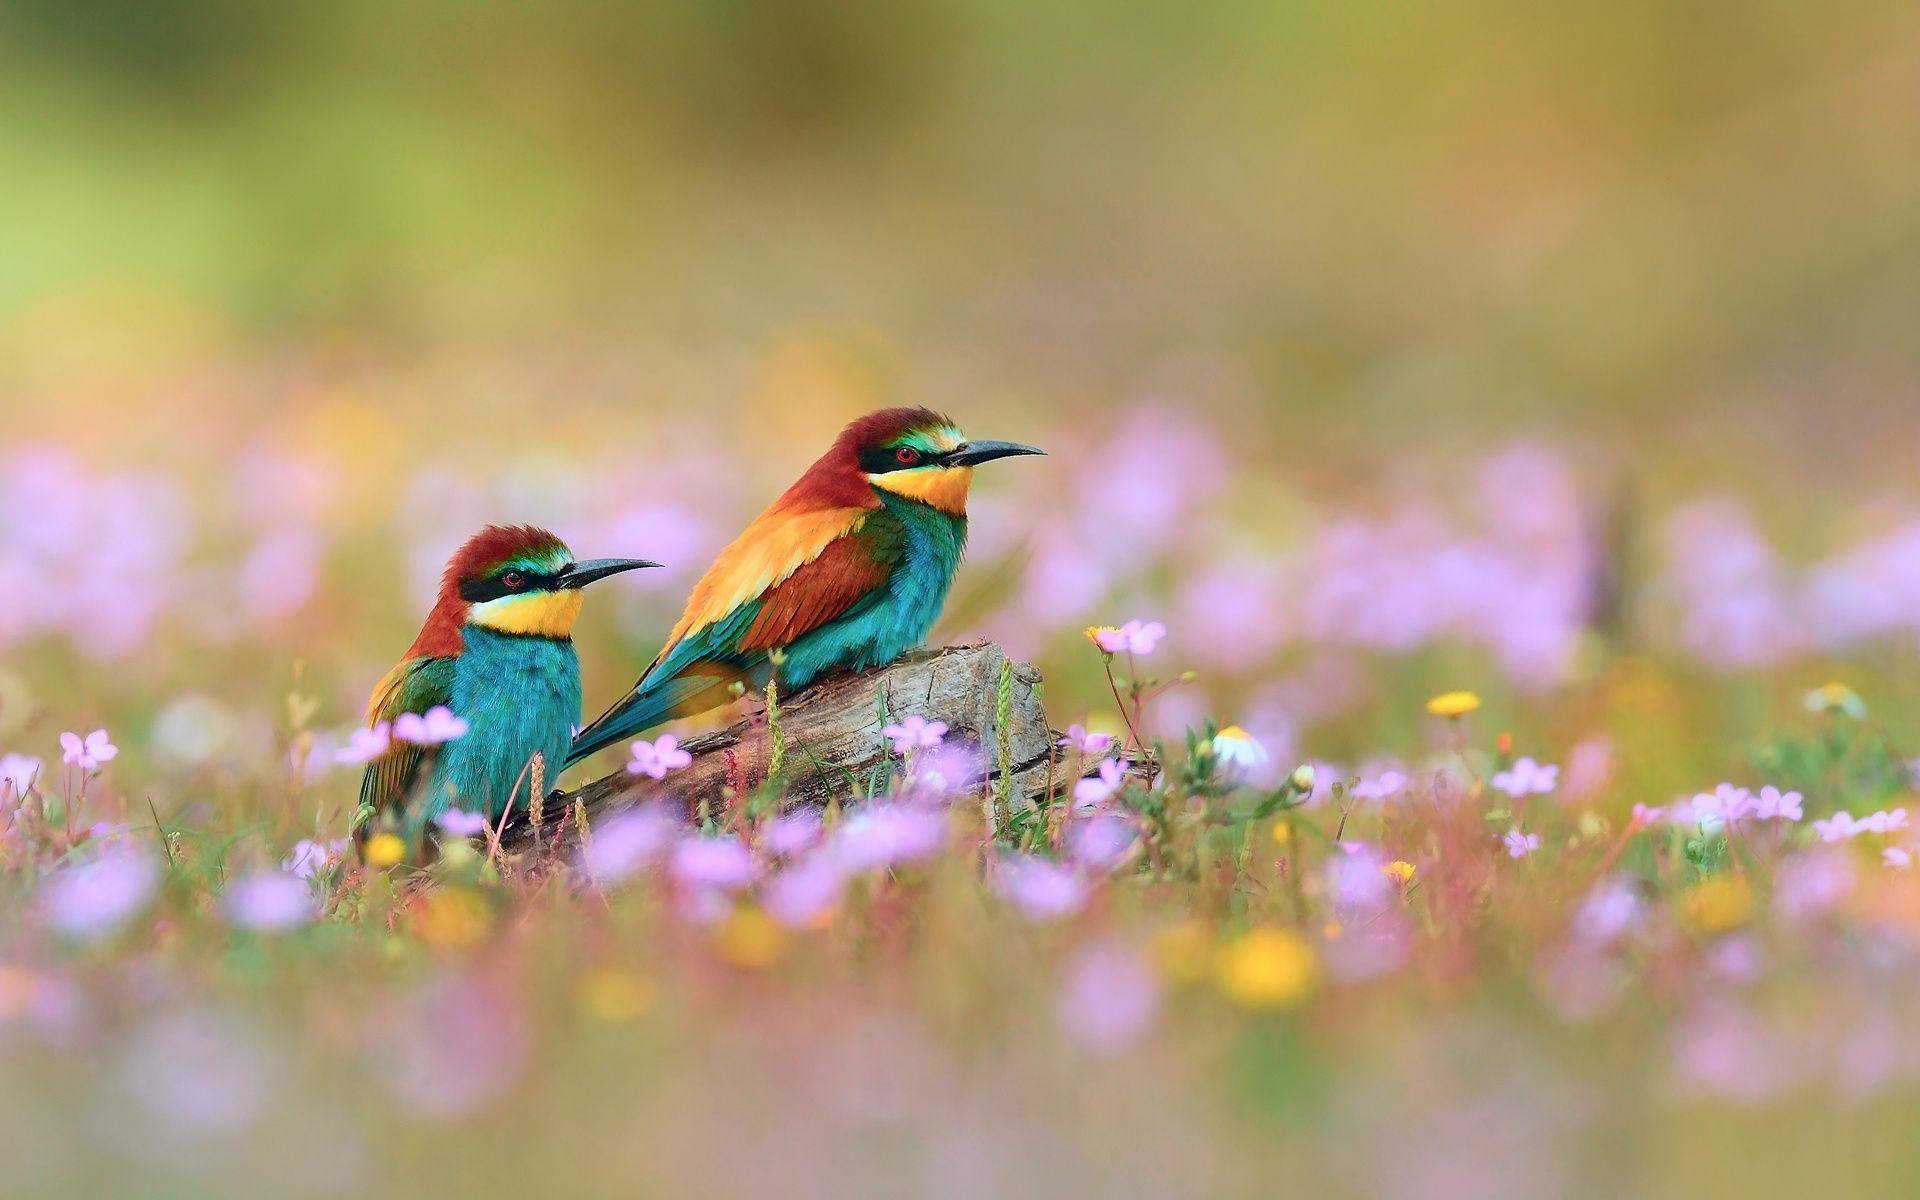 Flores Hermosas Flores Silvestres Fondos De Pantalla Gratis: Hermosas Flores Silvestres Martín Fondos De Pantalla